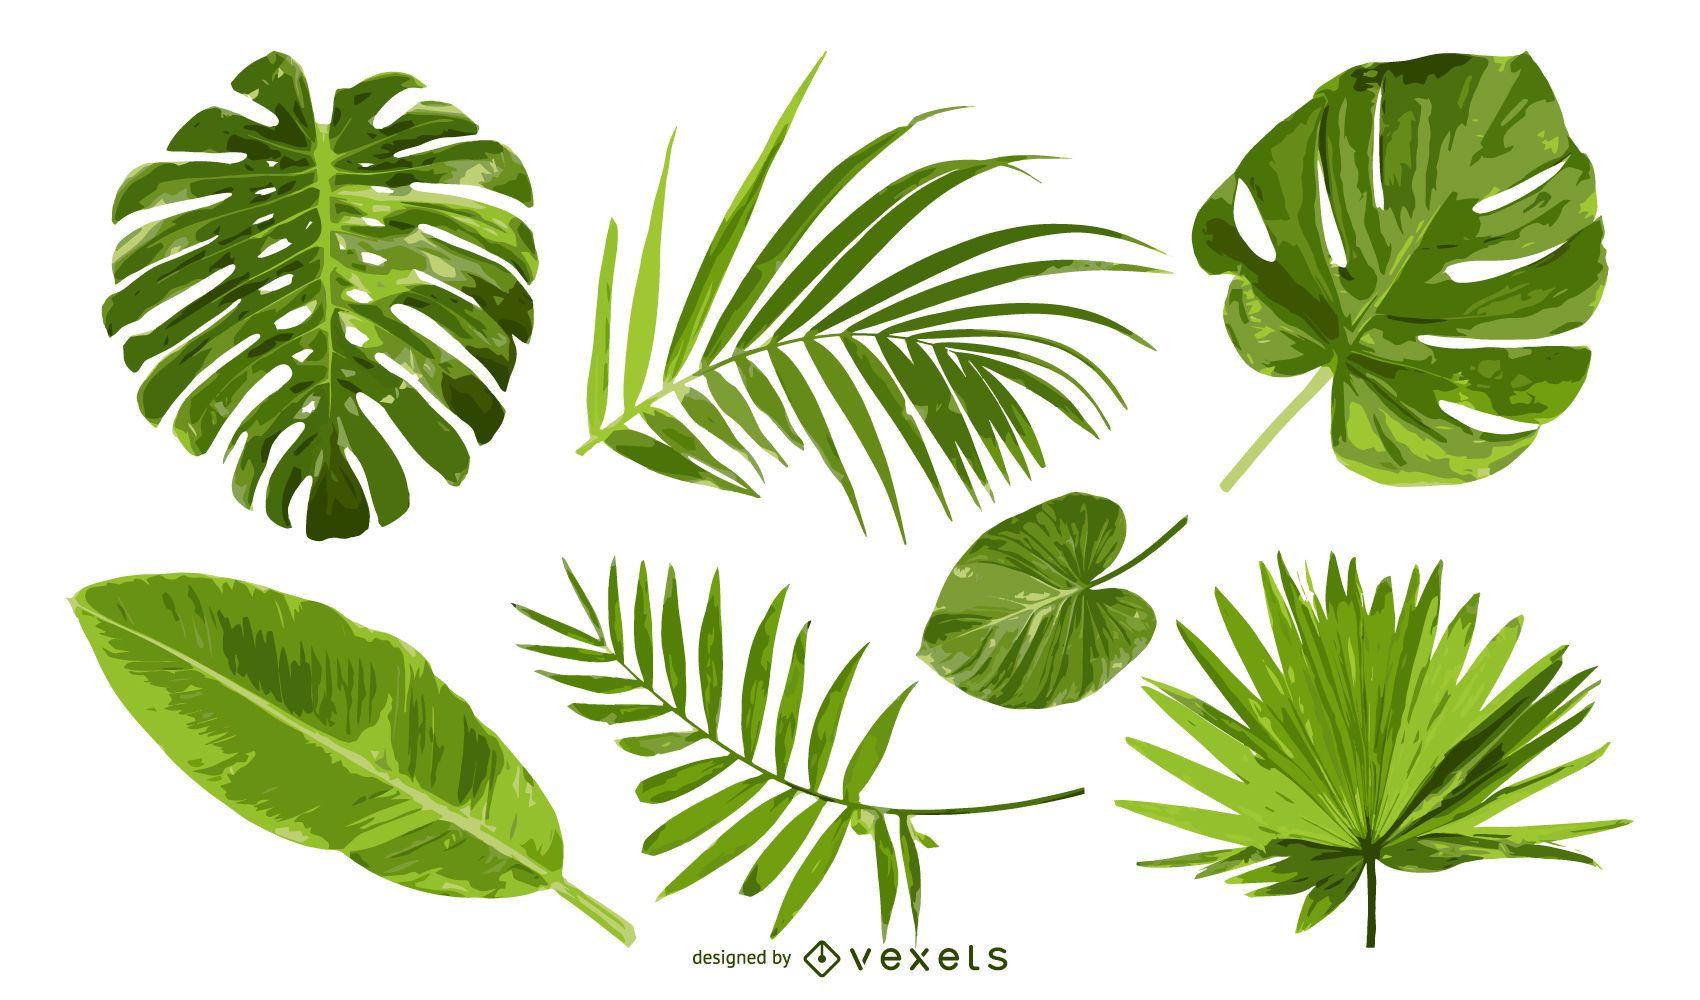 Isolierte Palmenblätter gesetzt